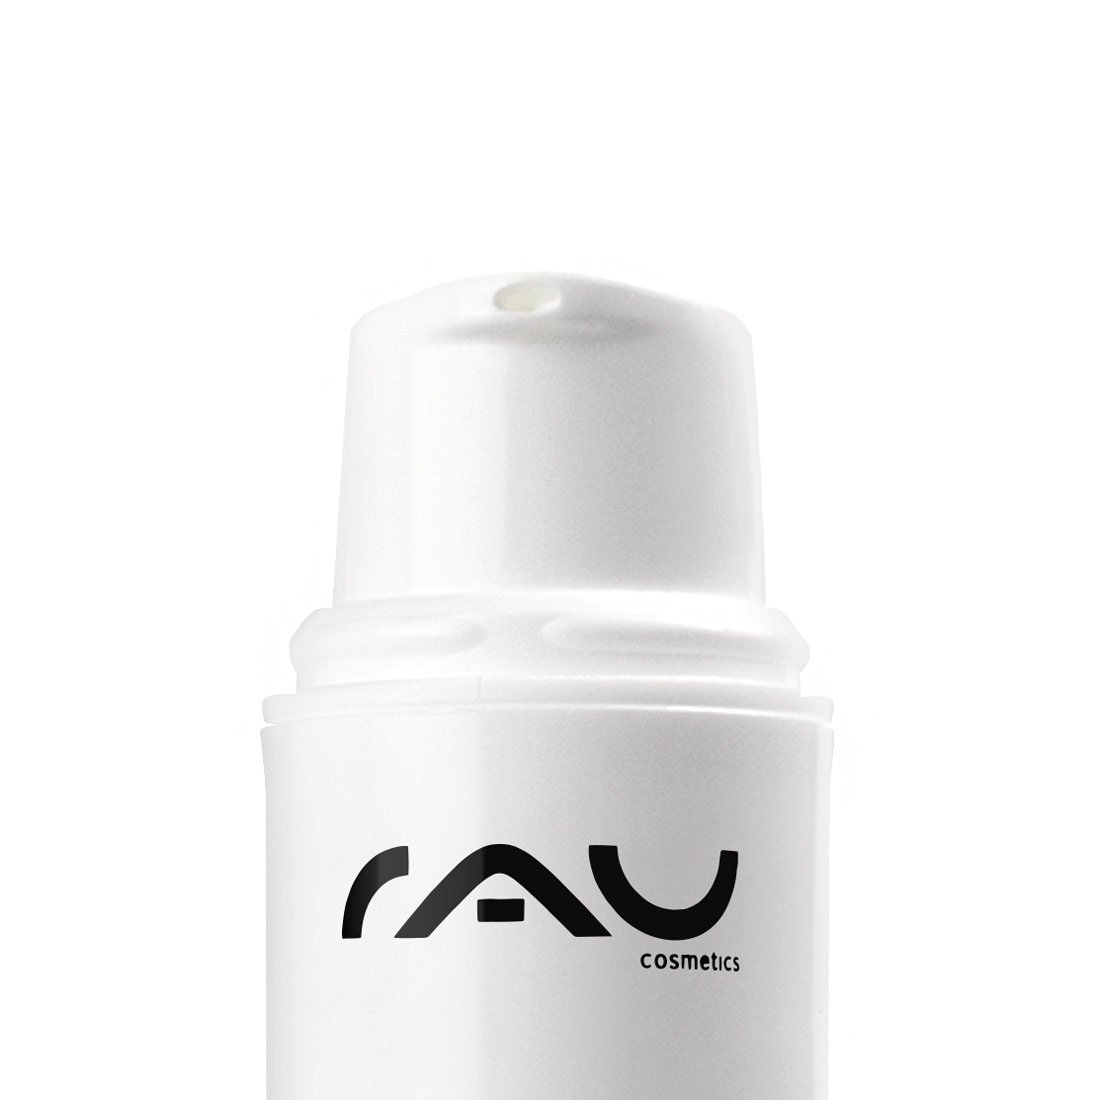 RAU ácido hialurónico definitiva Lifting 5 ml - ácido hialurónico concentrado Gel en dispensador airles, unser TopSeller en la lucha contra el ...